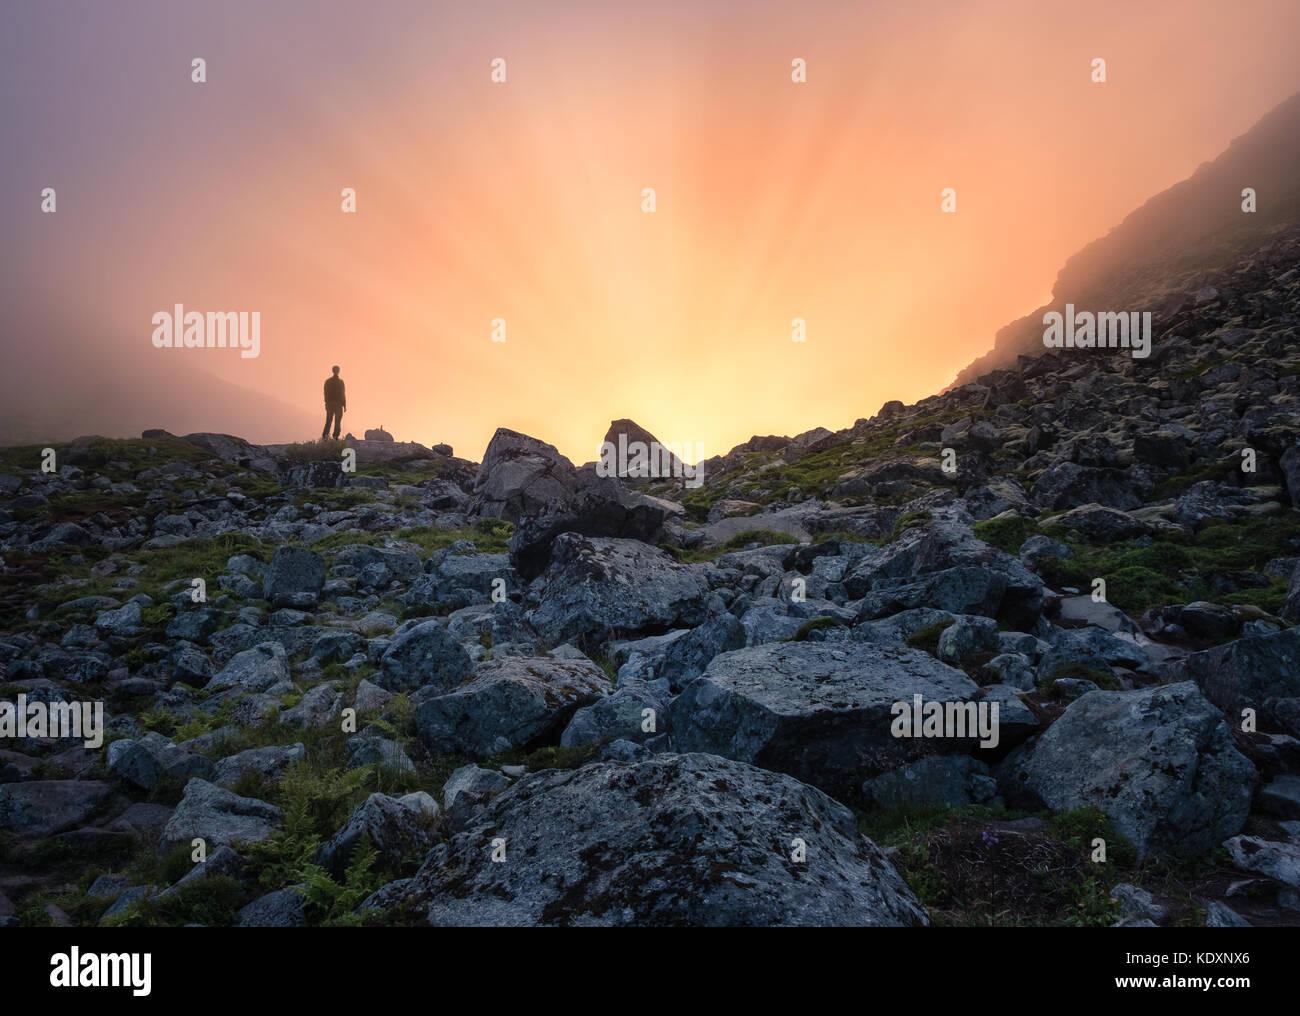 Homme debout devant de la lumière solaire à soirée d'été dans l'île de Lofoten Photo Stock